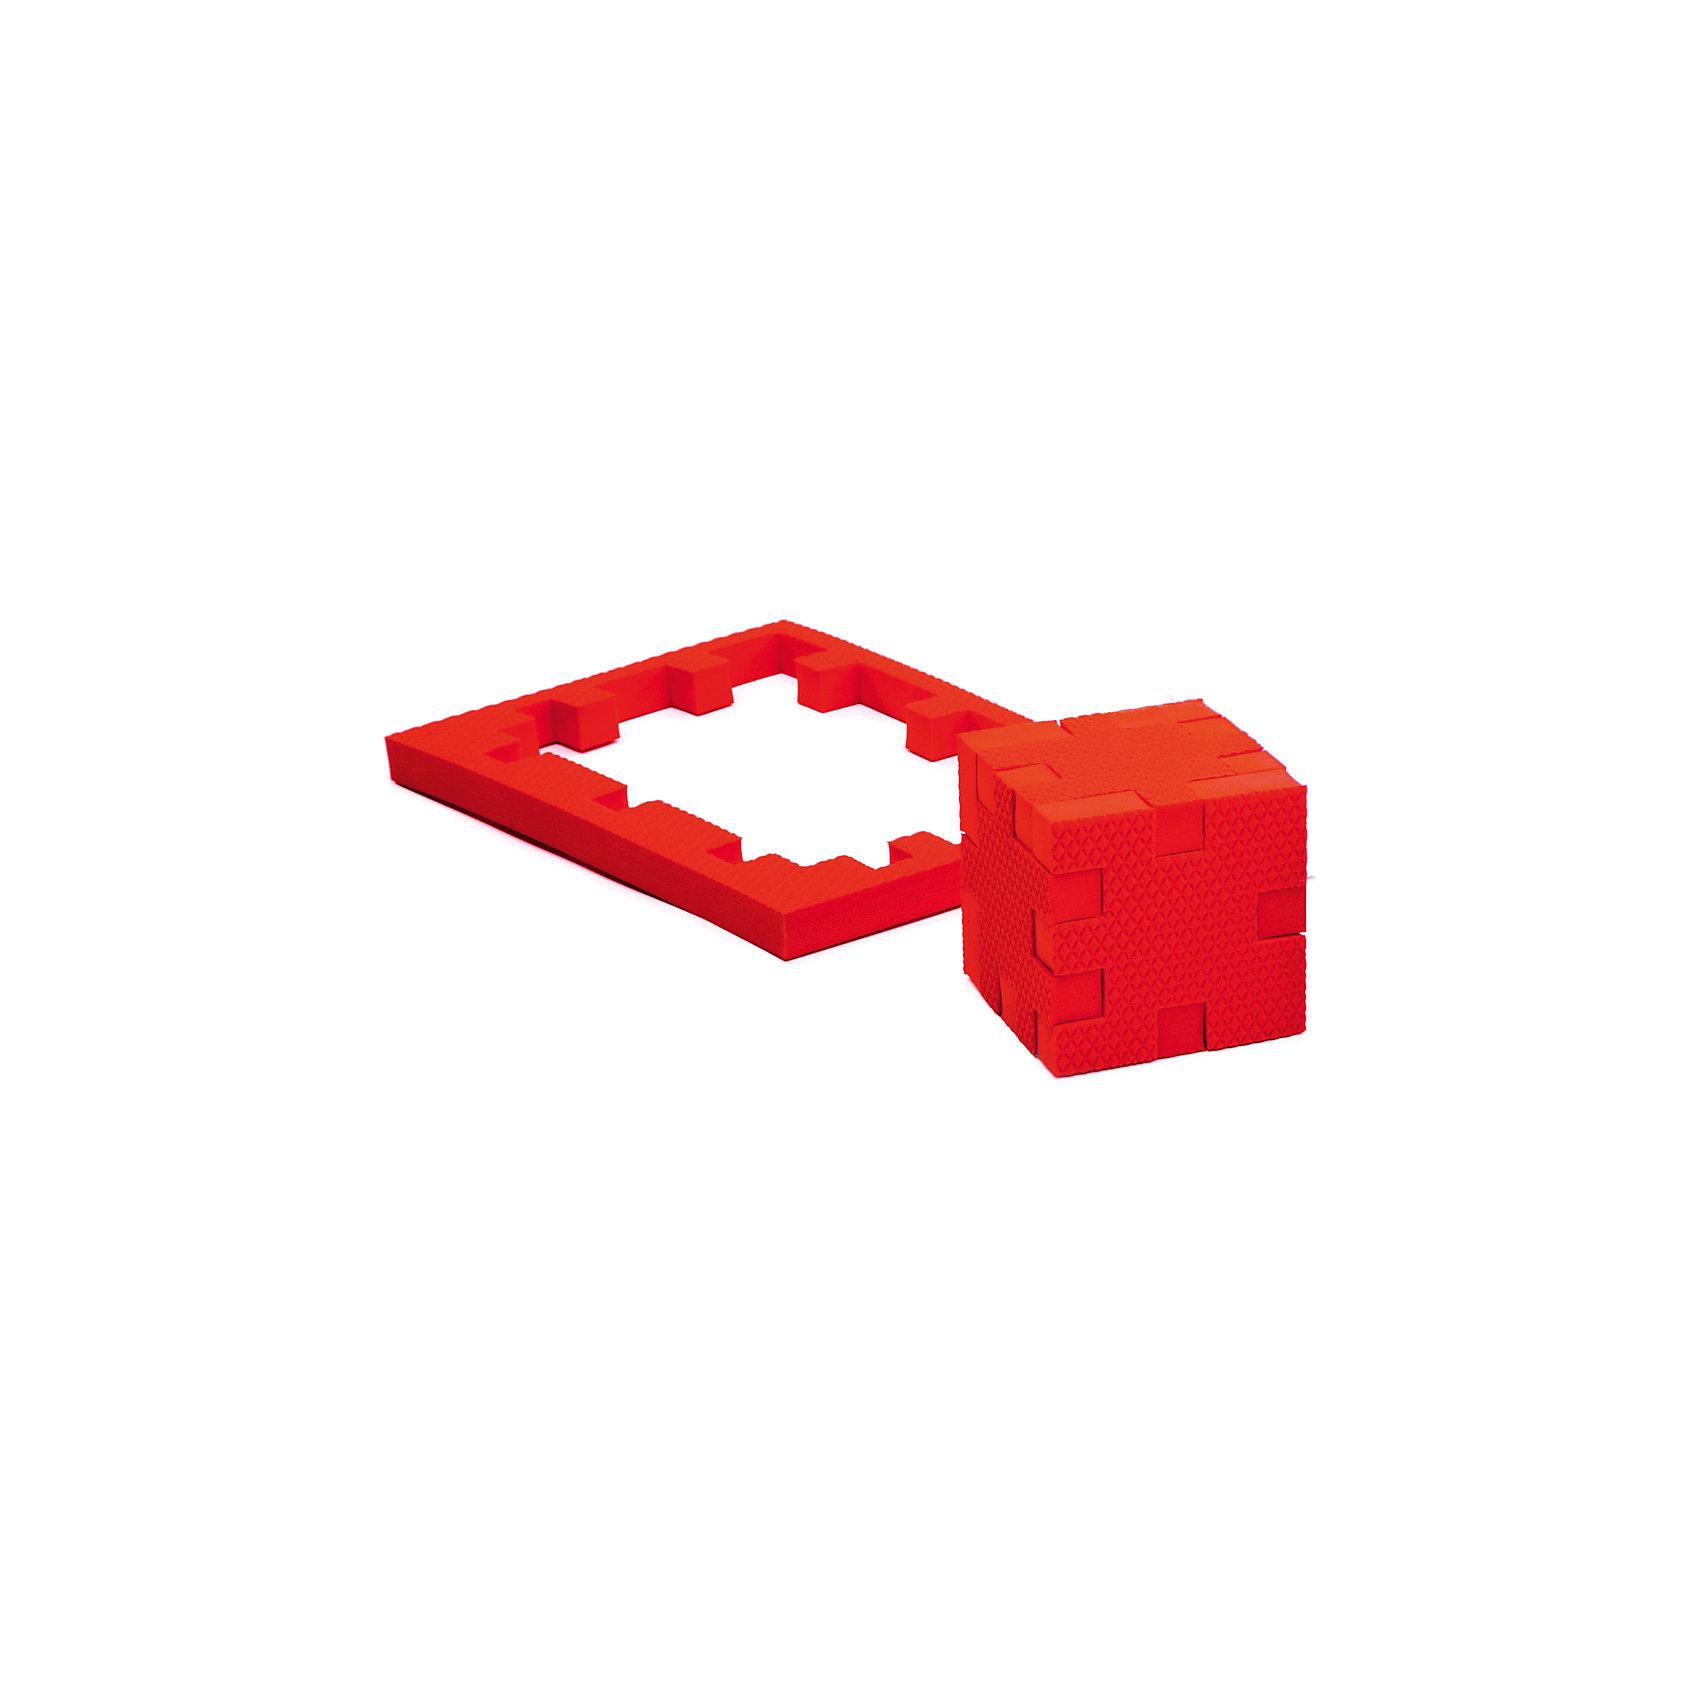 Пазл-конструктор Рубин, PicnMixОкружающий мир<br>Рубин - уникальный пазл-конструктор из серии Кубикформ от PicnMix, который поможет развить логику, мелкую моторику и пространственное восприятие. Ребенок сможет собрать пазл, кубик и различные геометрические фигуры. Для начала можно следовать инструкции, а узнав, как устроен чудо-пазл, придумать свои собственные творения. Кроме того, с конструктором Рубин можно смело играть в воде. <br>Пазл-конструктор Рубин - замечательный подарок для юных строителей!<br><br>Дополнительная информация:<br>Цвет: красный<br>Материал: ЭВА(вспененный полимер)<br>Размер упаковки: 21,5х1,5х15,5 см<br>Вес: 45 грамм<br><br>Пазл-конструктор Рубин от PicnMix можно приобрести в нашем интернет-магазине.<br><br>Ширина мм: 215<br>Глубина мм: 15<br>Высота мм: 160<br>Вес г: 50<br>Возраст от месяцев: 36<br>Возраст до месяцев: 60<br>Пол: Унисекс<br>Возраст: Детский<br>SKU: 5008788